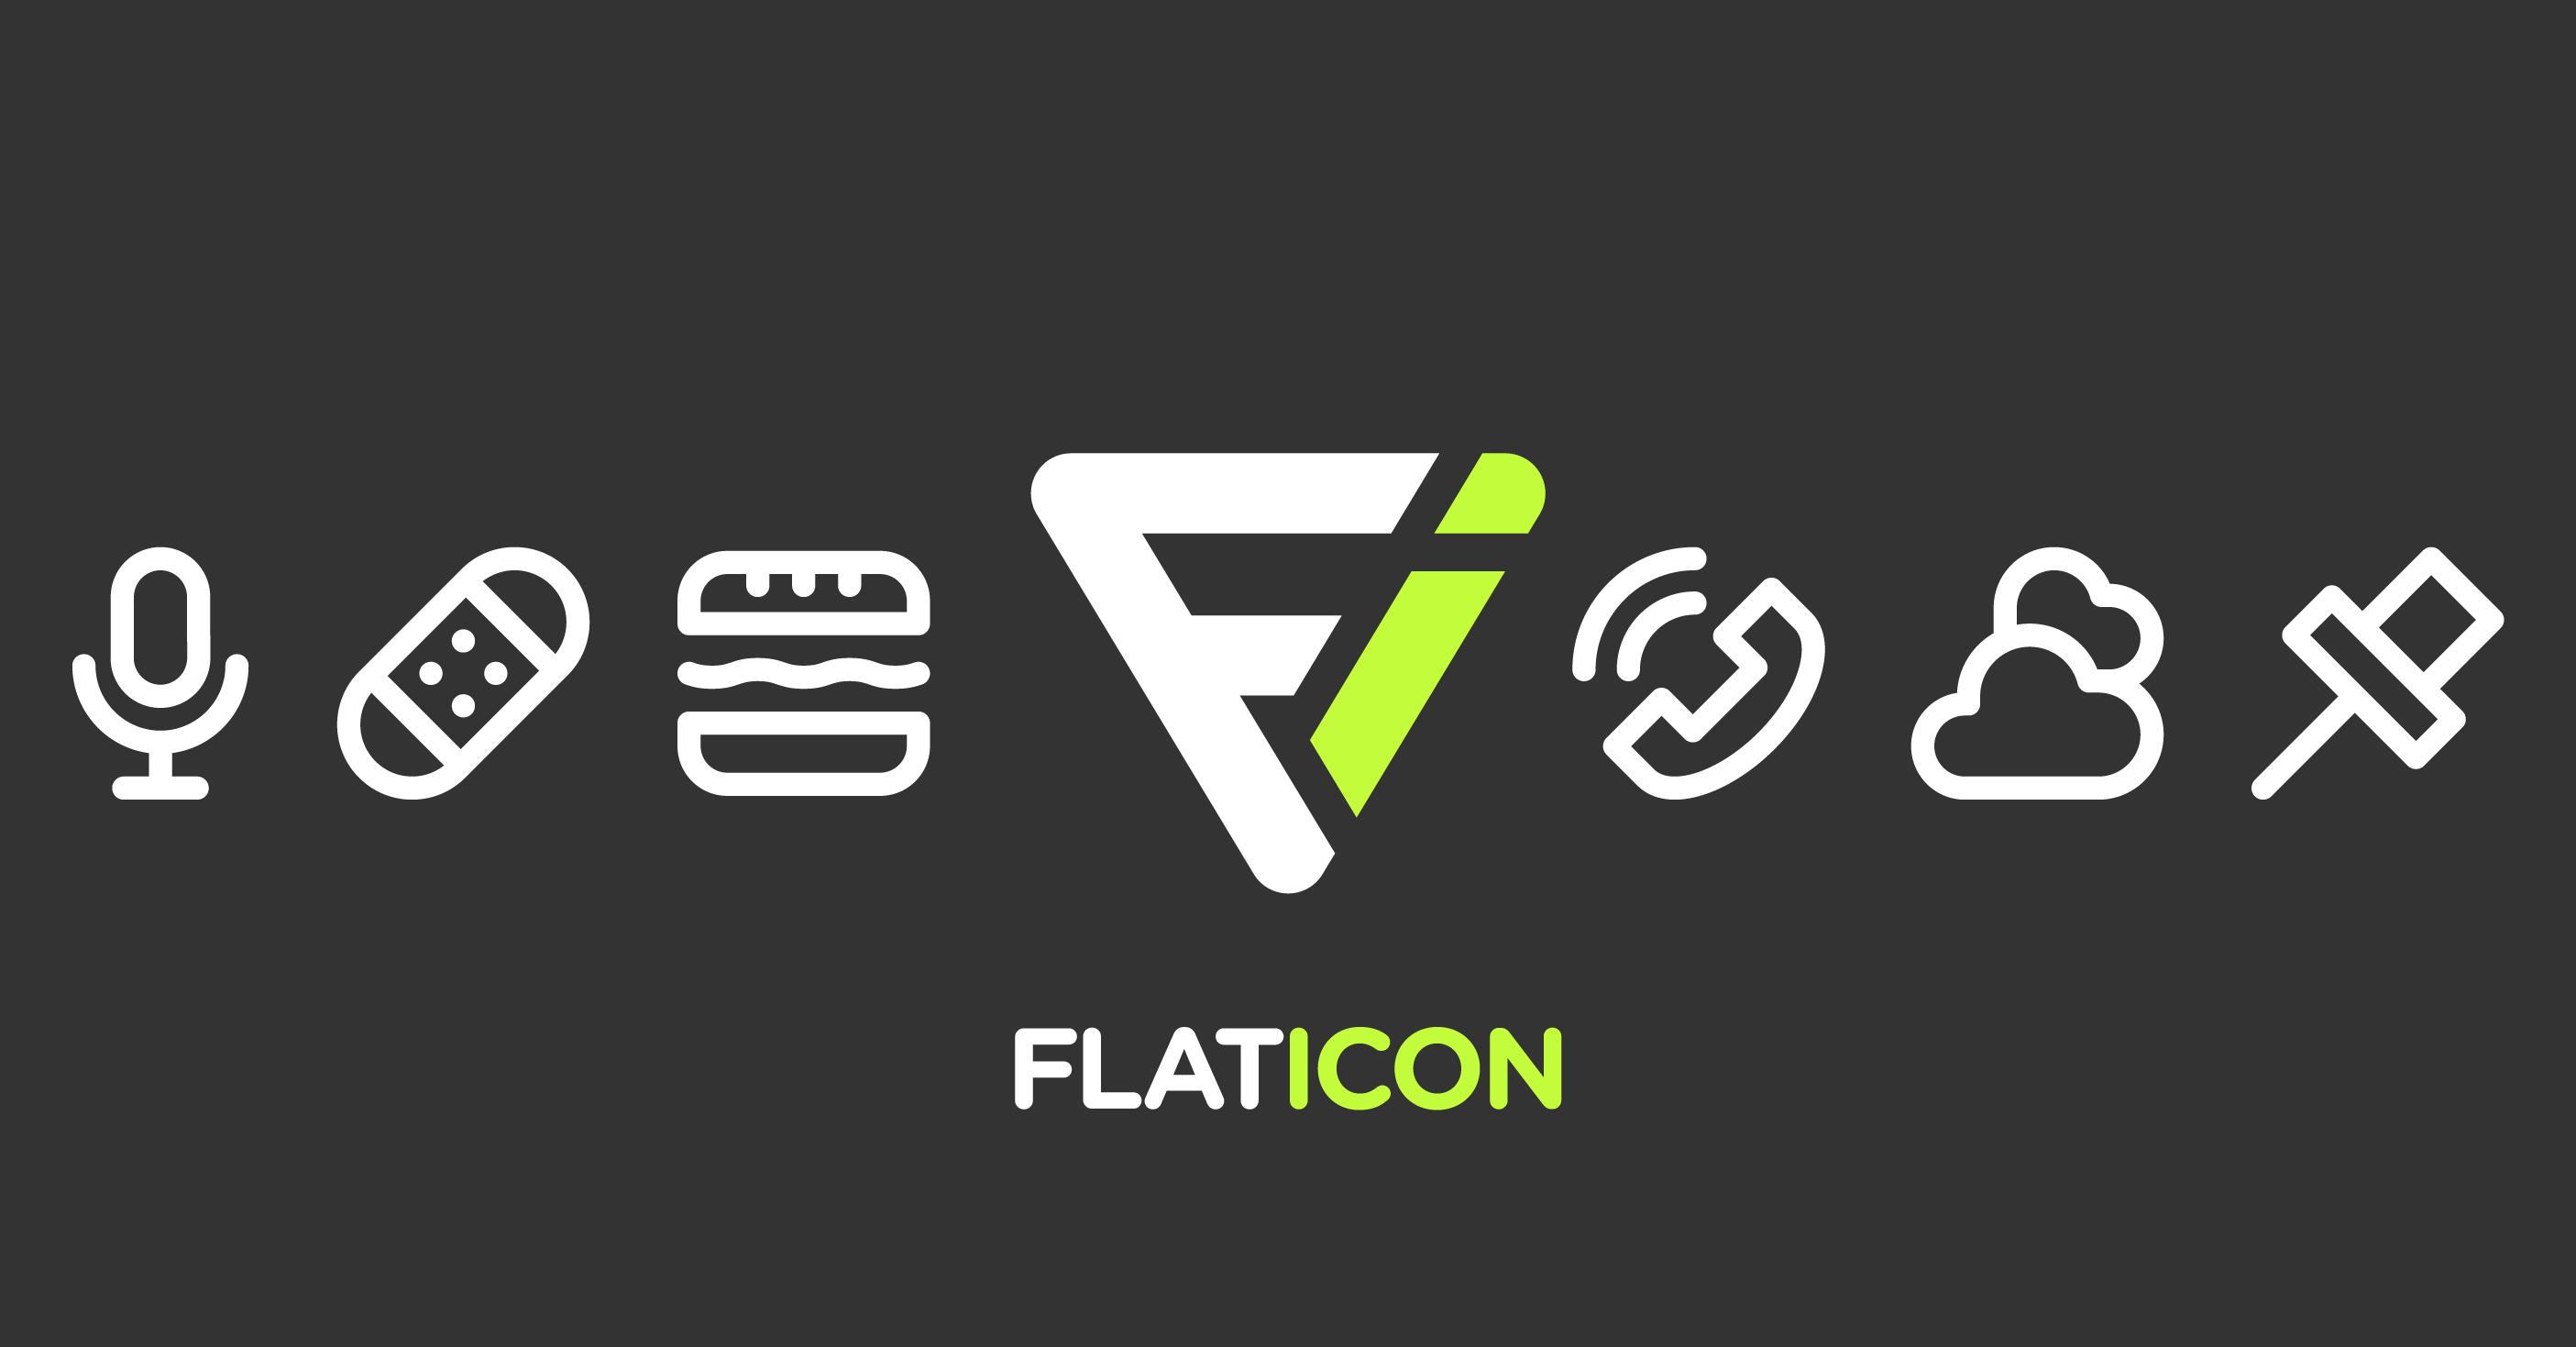 flaticon-free-design-resources